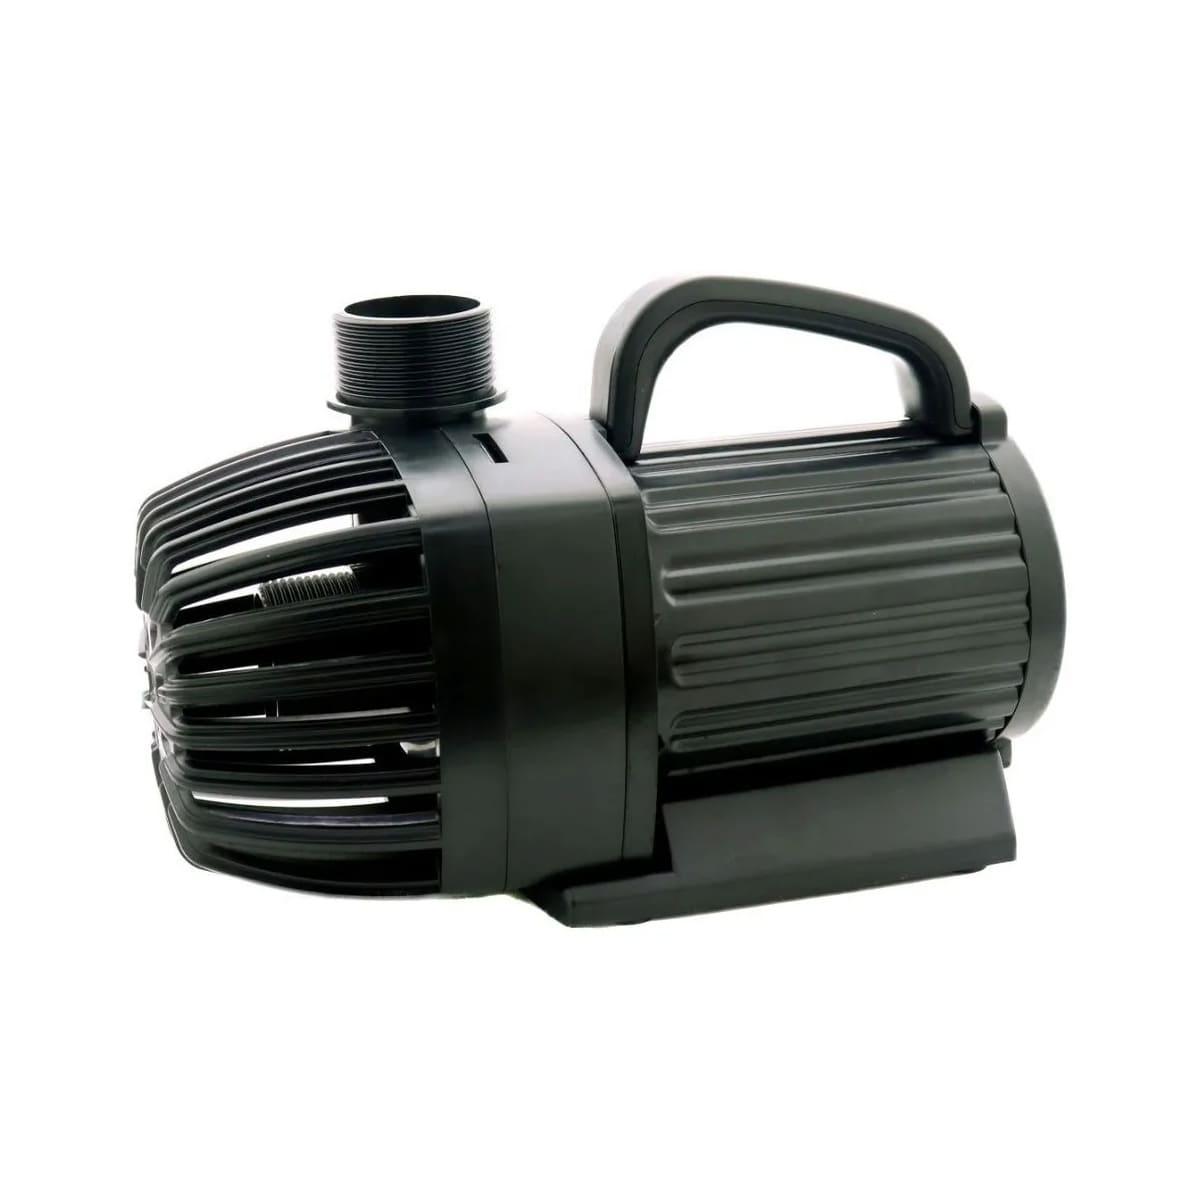 Bomba de Recalque Mydor Tech Ecco Pump 4000 - 4000 L/H